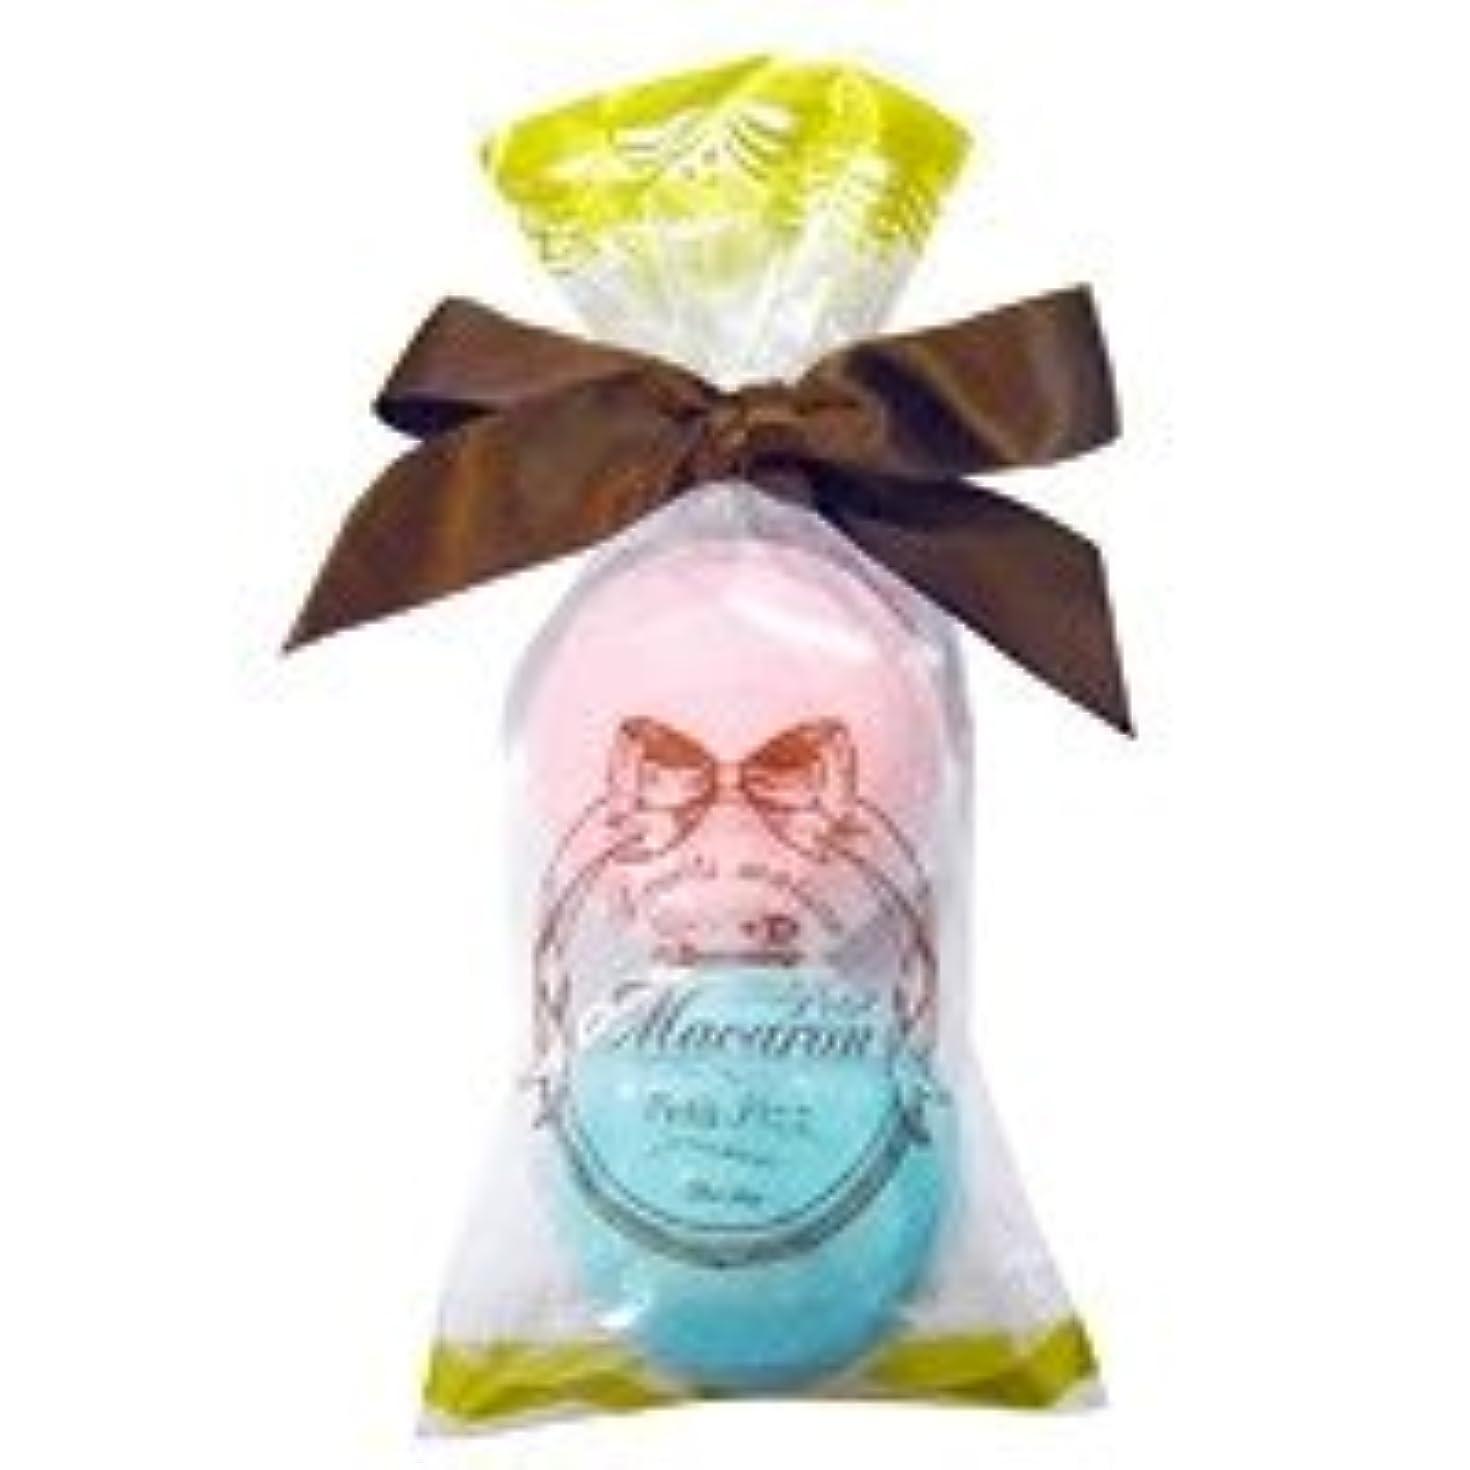 悲劇的な伝えるピービッシュスウィーツメゾン プチマカロンミニセット「ピンク&ターコイズ」6個セット 甘酸っぱいラズベリーの香り&香り豊かなグリーンティの香り